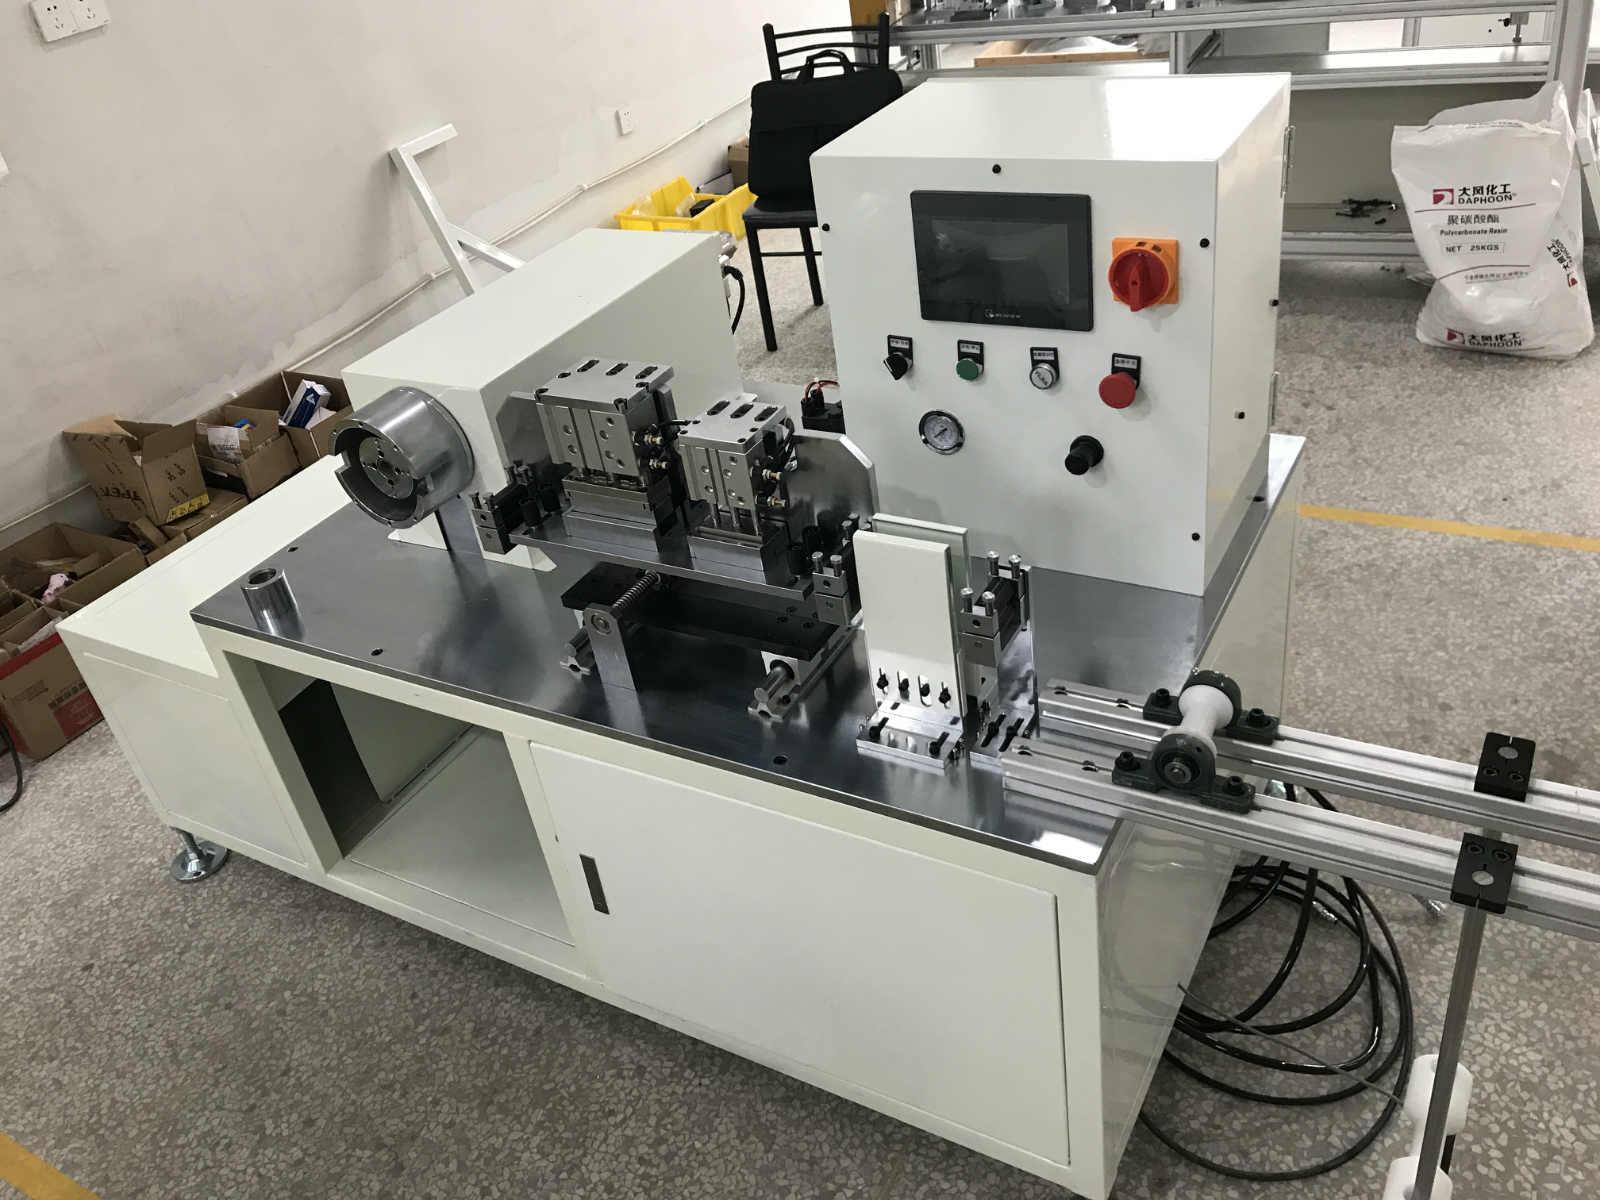 宁波自动化设备-自动倒角机-热电偶感应针组装机